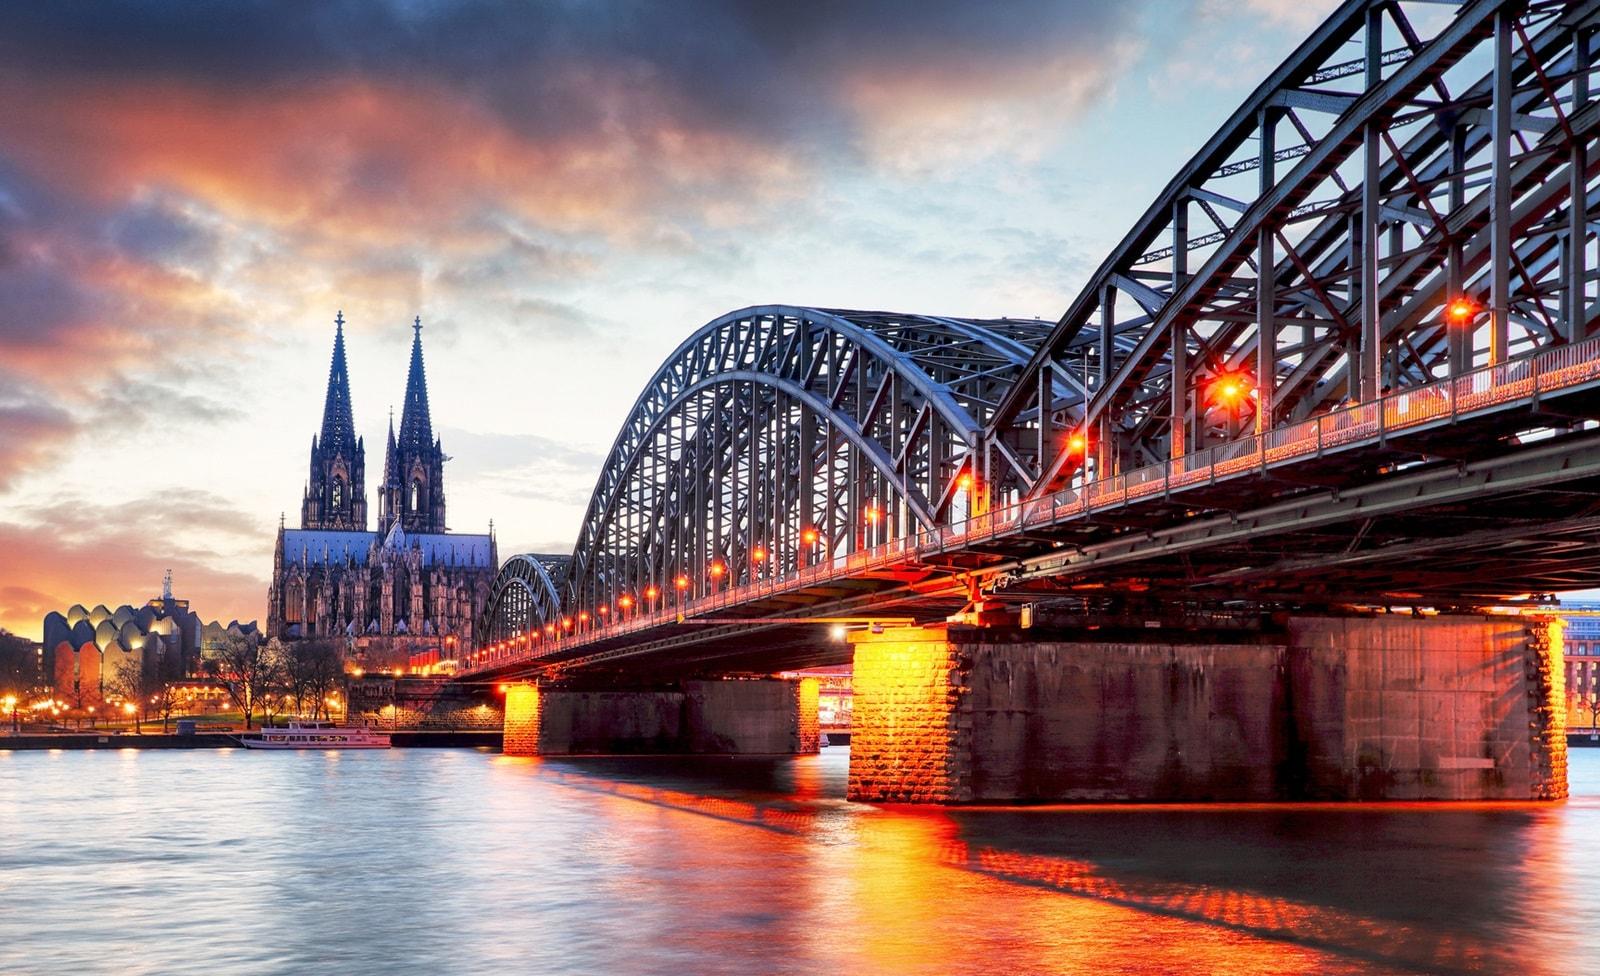 Deutschland sehensw rdigkeiten die top 23 attraktionen 2019 mit fotos - Deutsche architektur ...